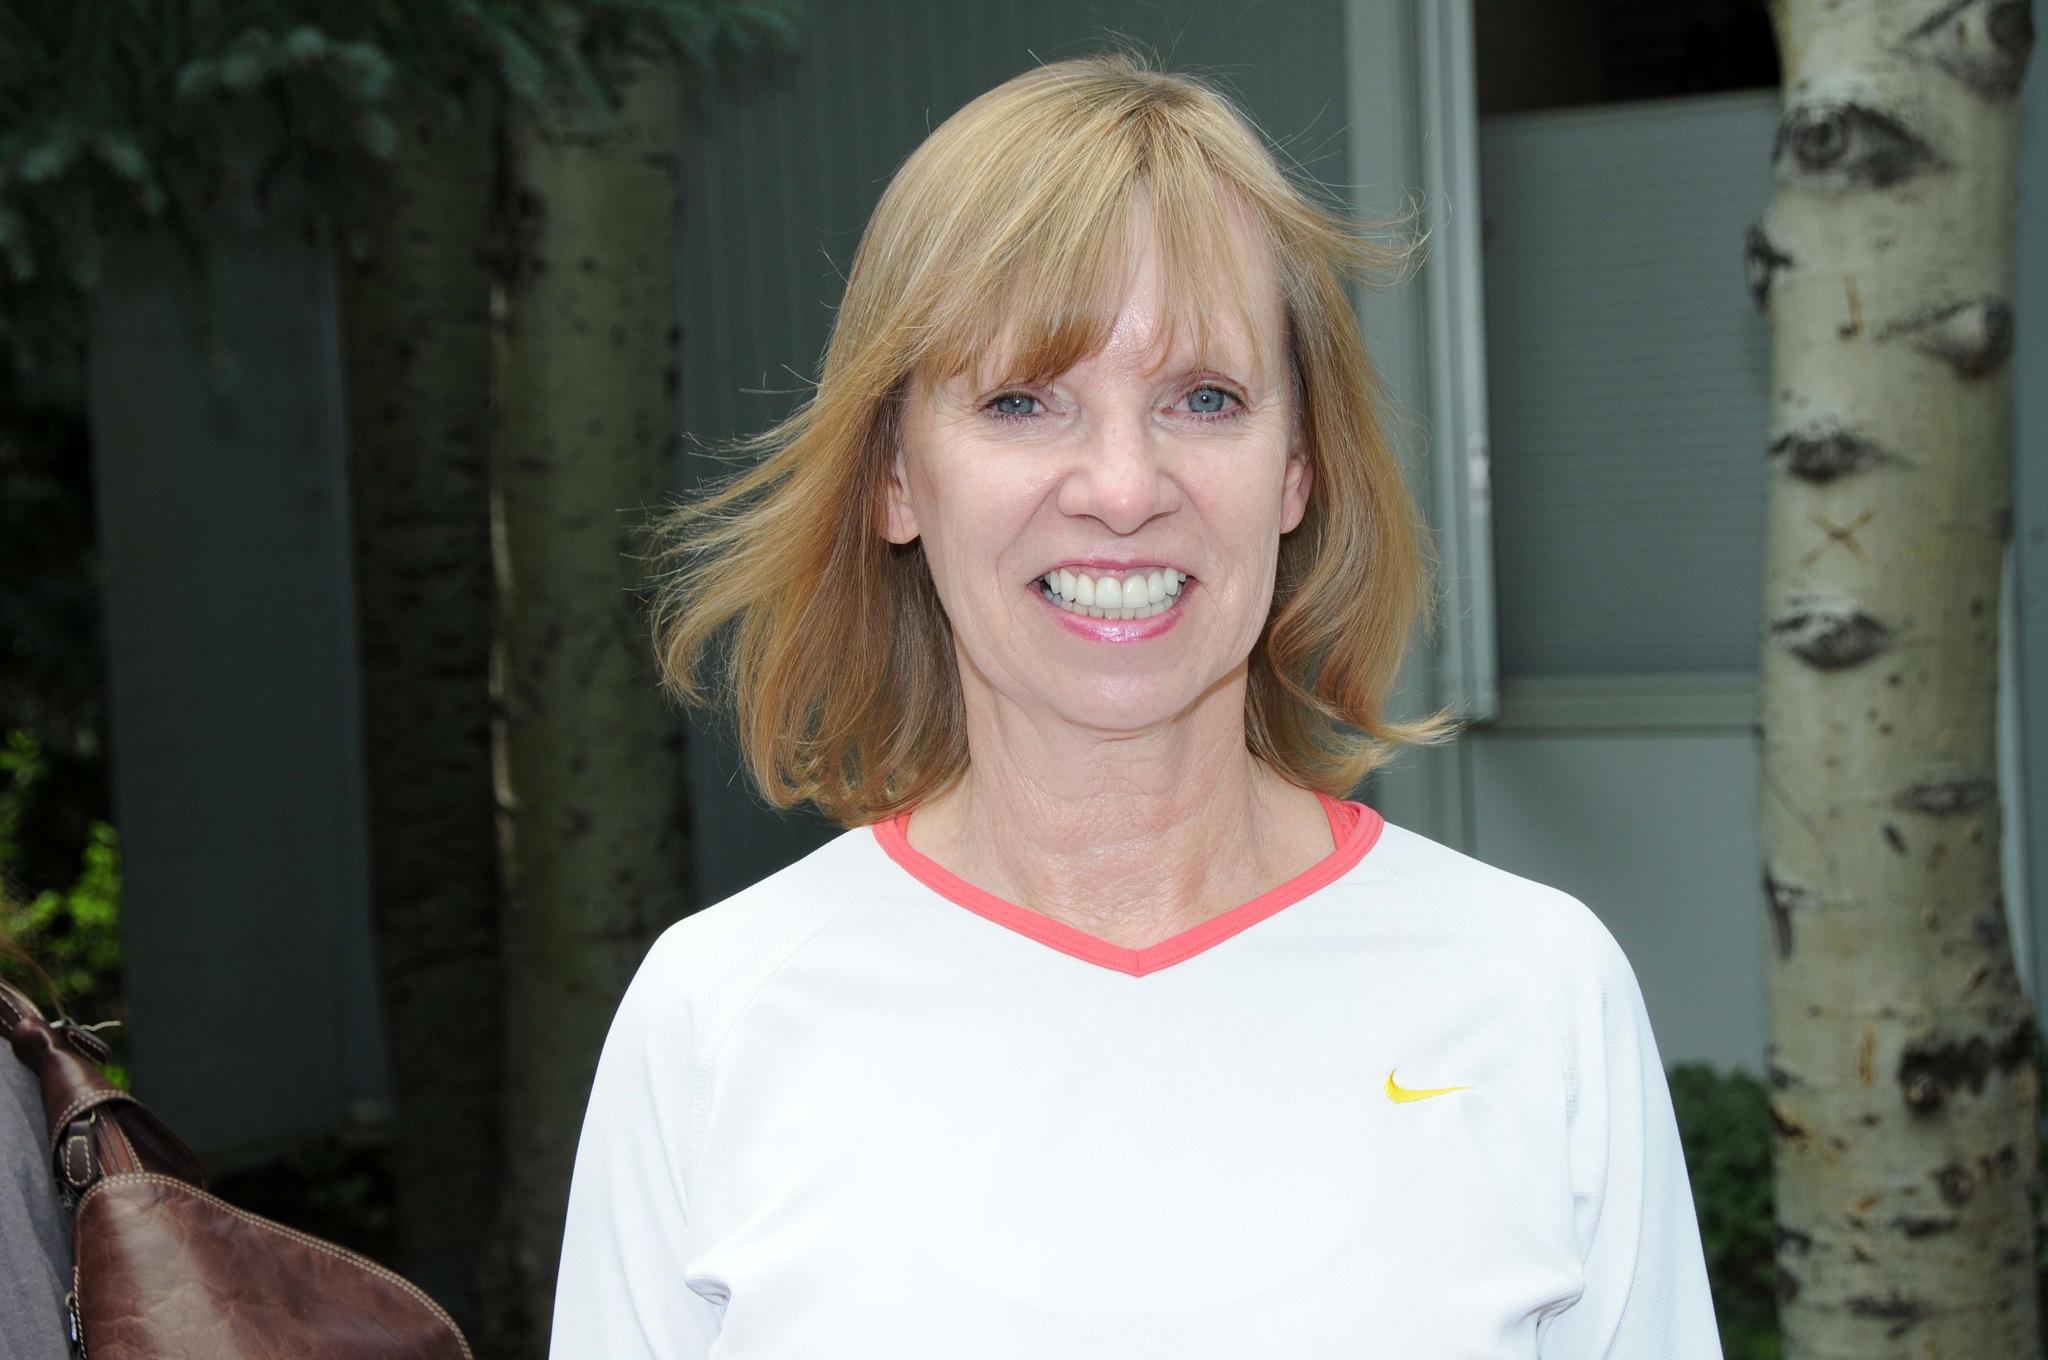 Ann Winblad Wikipedia